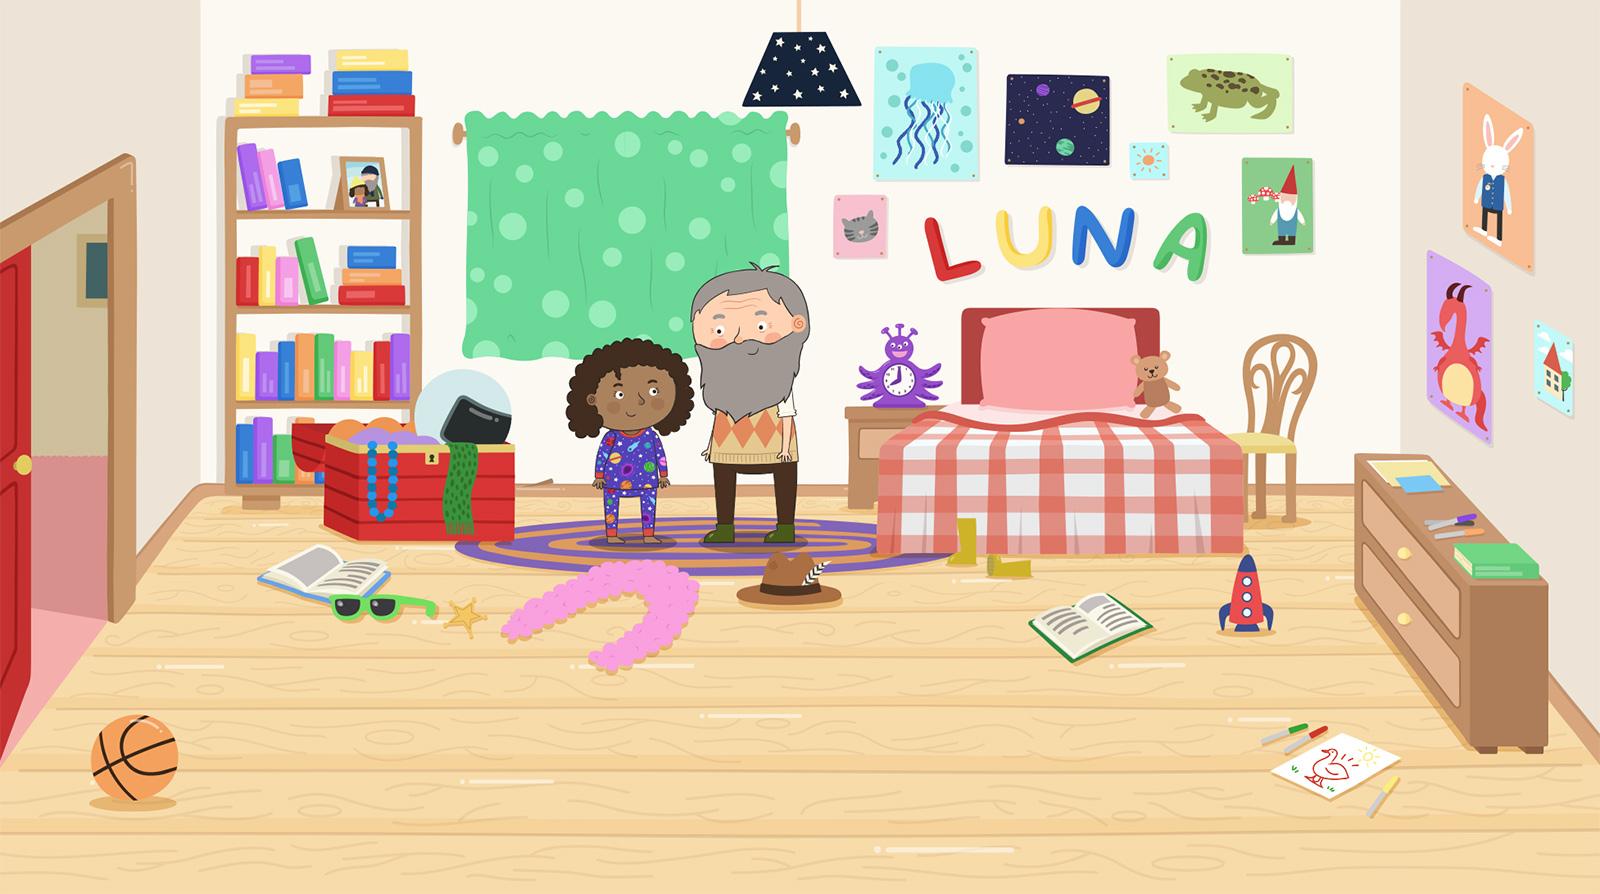 Lunas bedroom